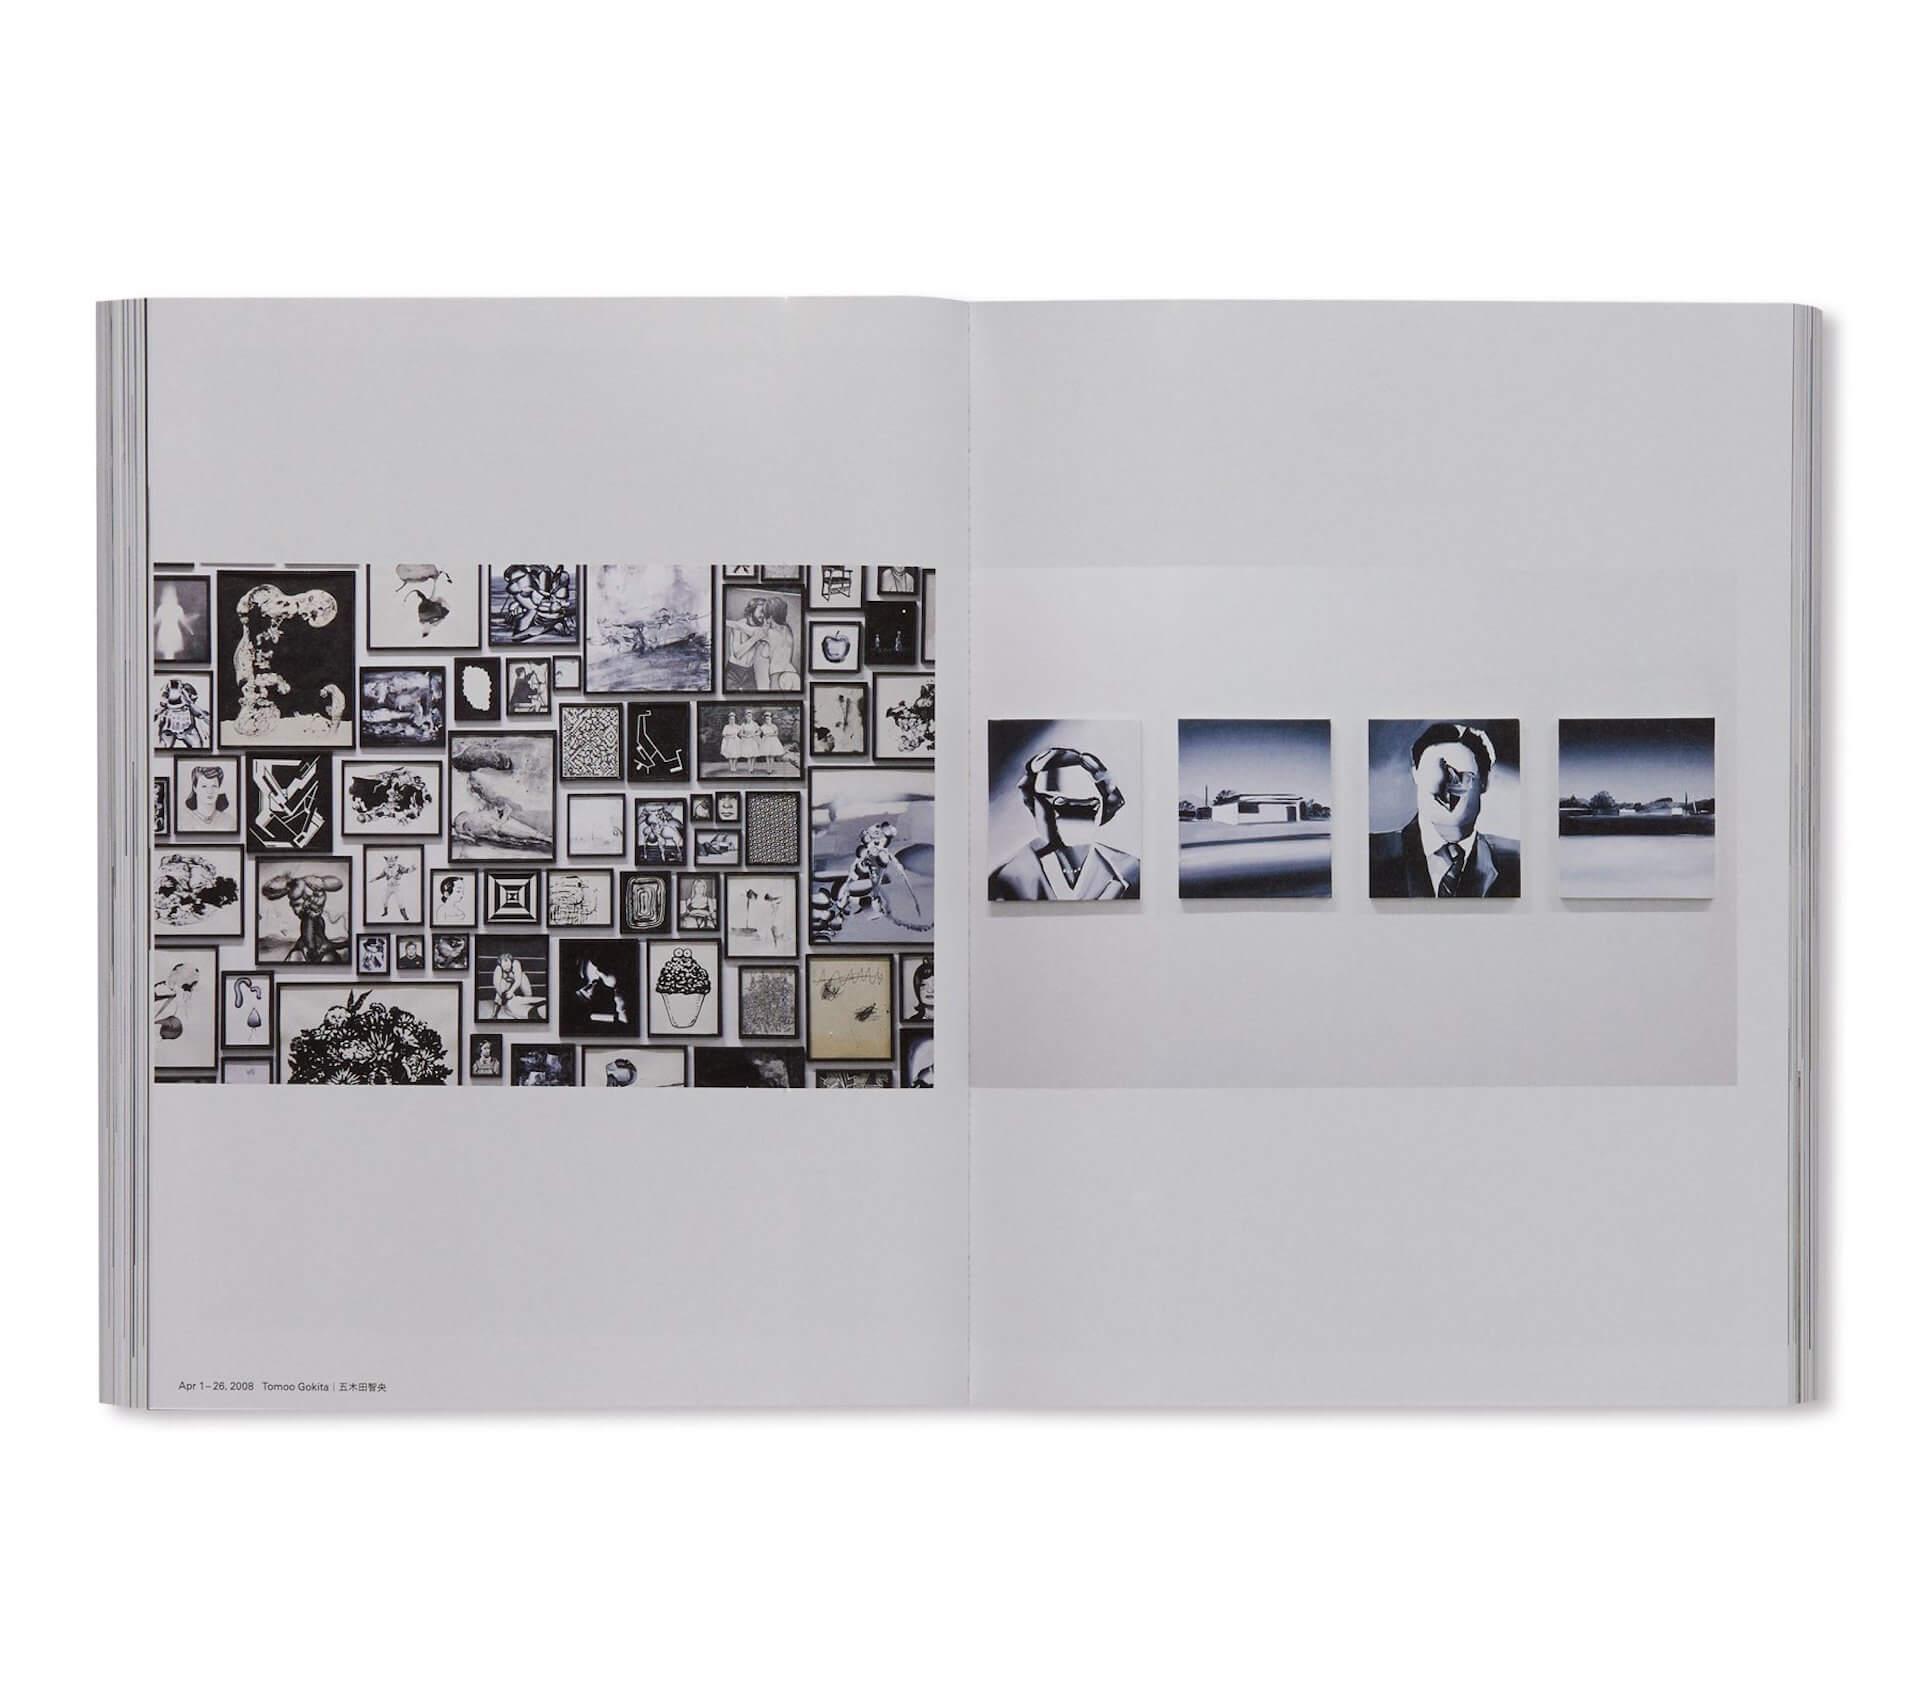 アートブックノススメ Qetic編集部が選ぶ5冊/Davide Sorrenti 他 art210322_artbook-08